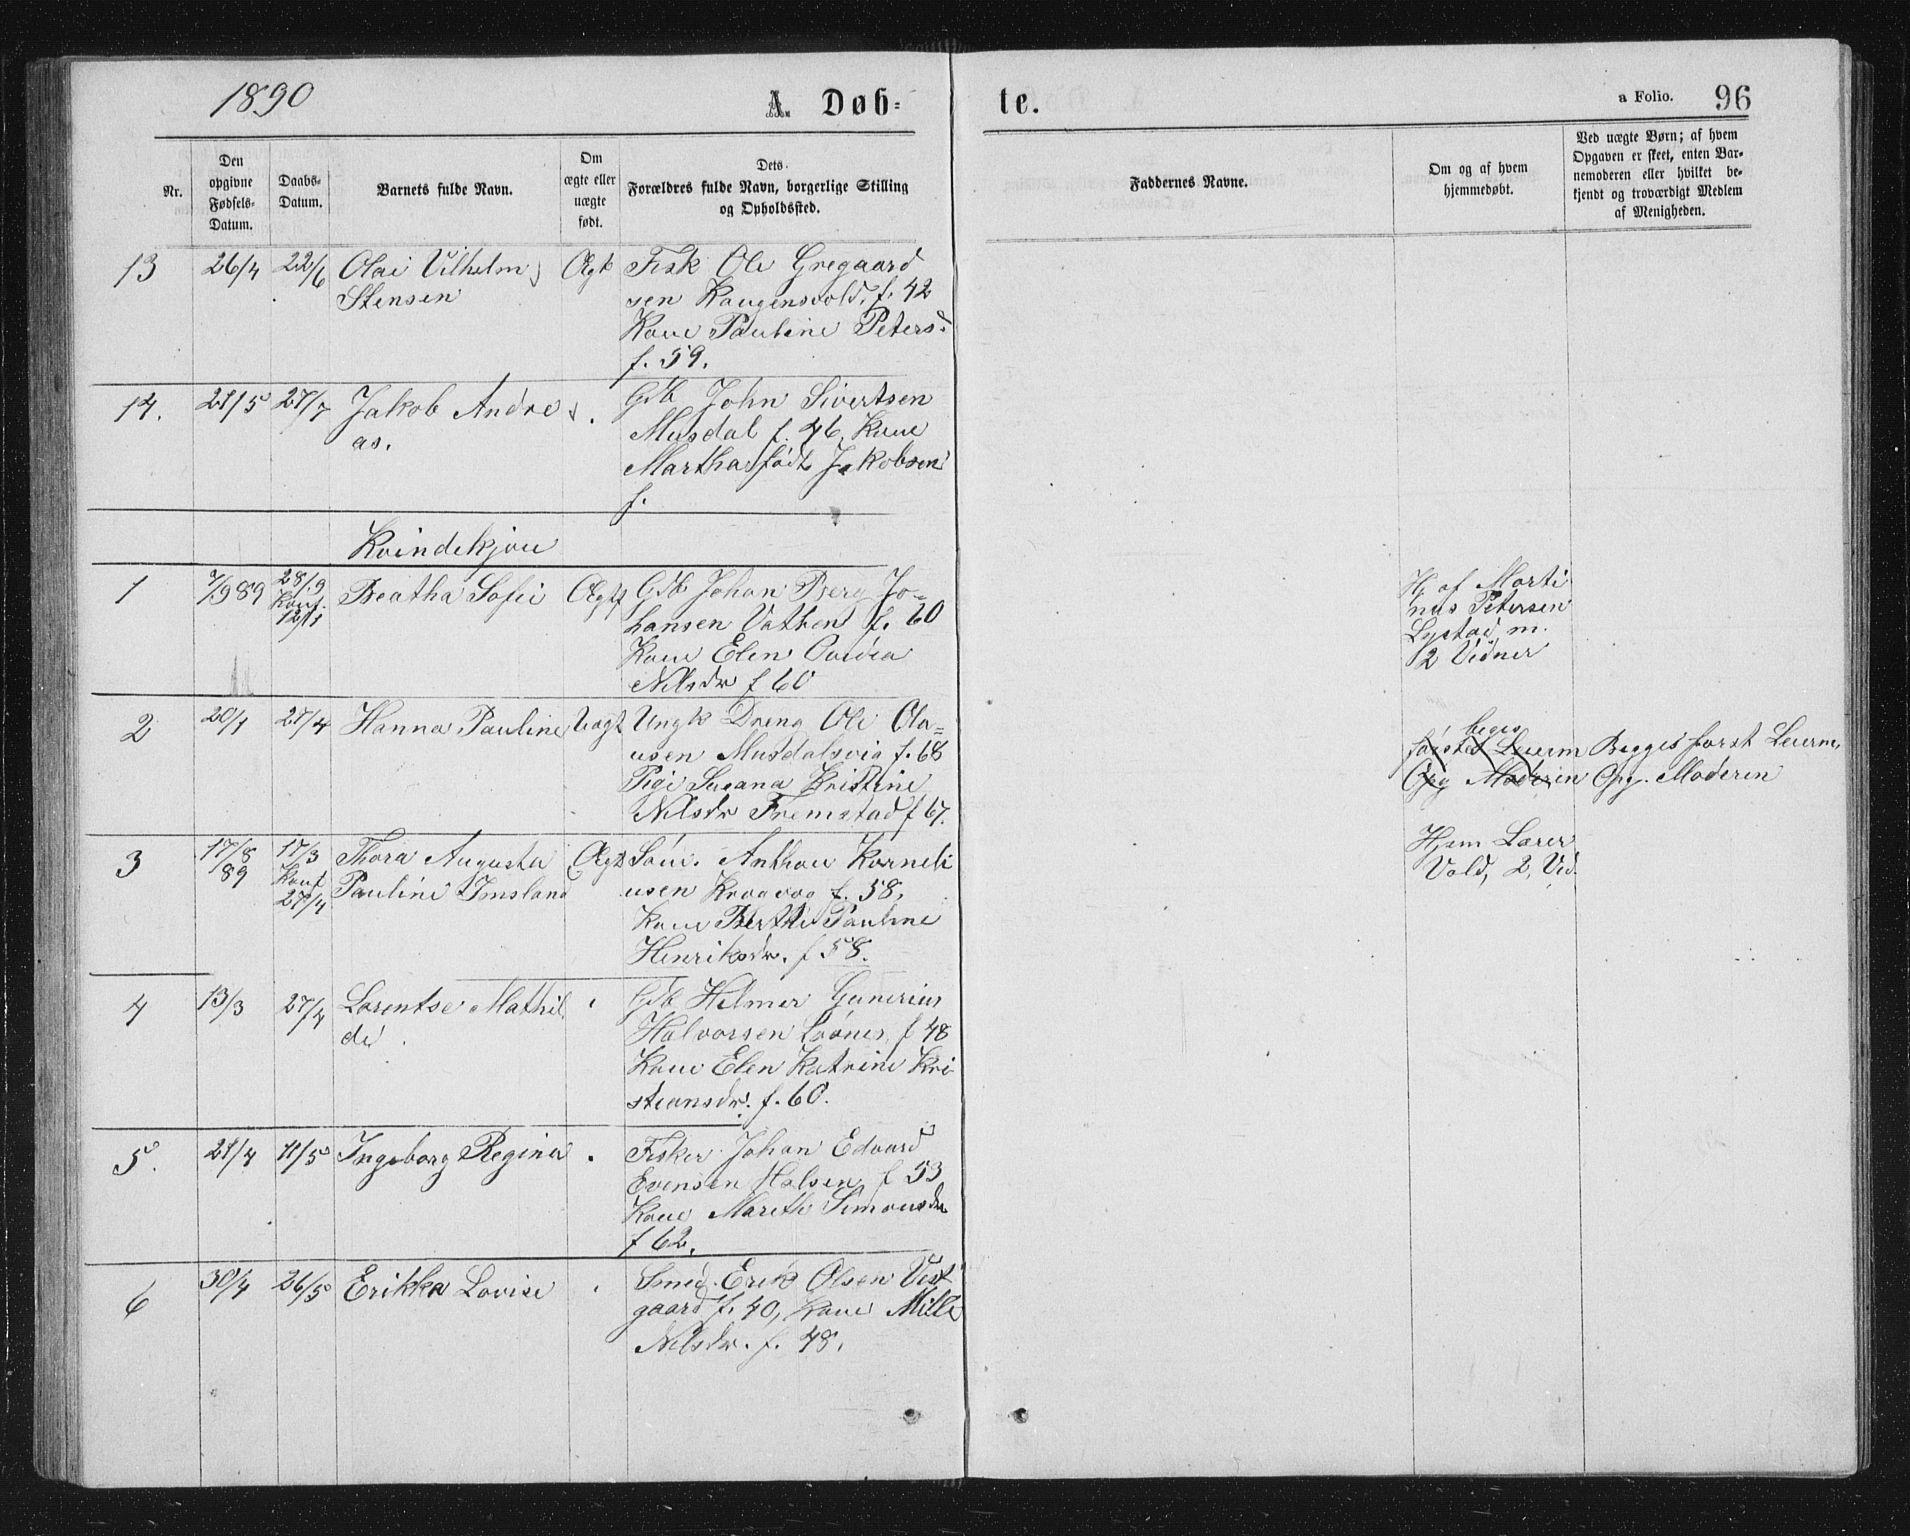 SAT, Ministerialprotokoller, klokkerbøker og fødselsregistre - Sør-Trøndelag, 662/L0756: Klokkerbok nr. 662C01, 1869-1891, s. 96